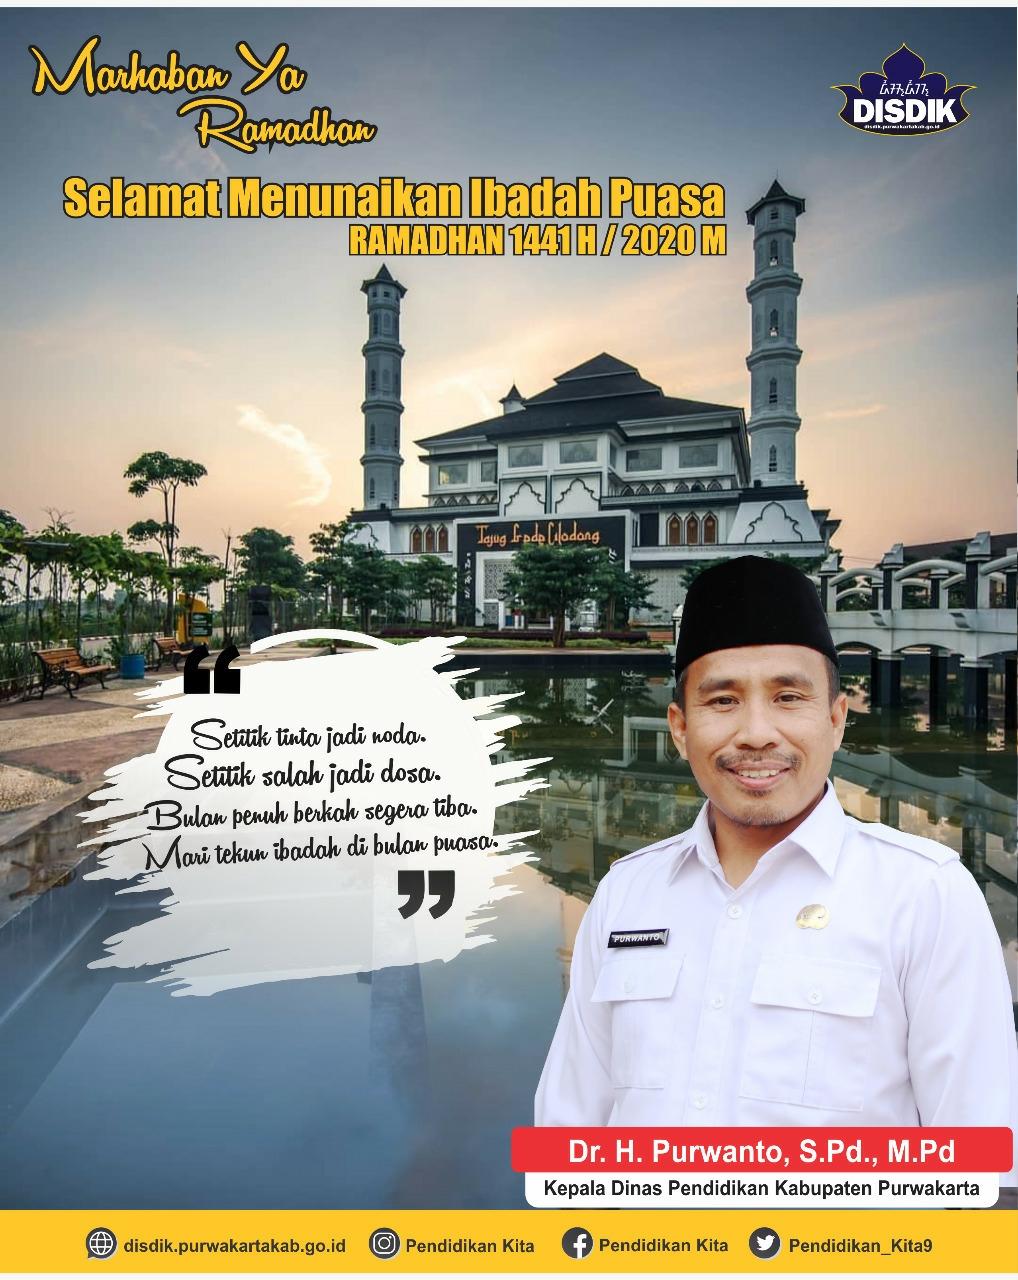 Selamat Menjalankan Ibadah Puasa Ramadan 1441 Hijriyah / 2020 M